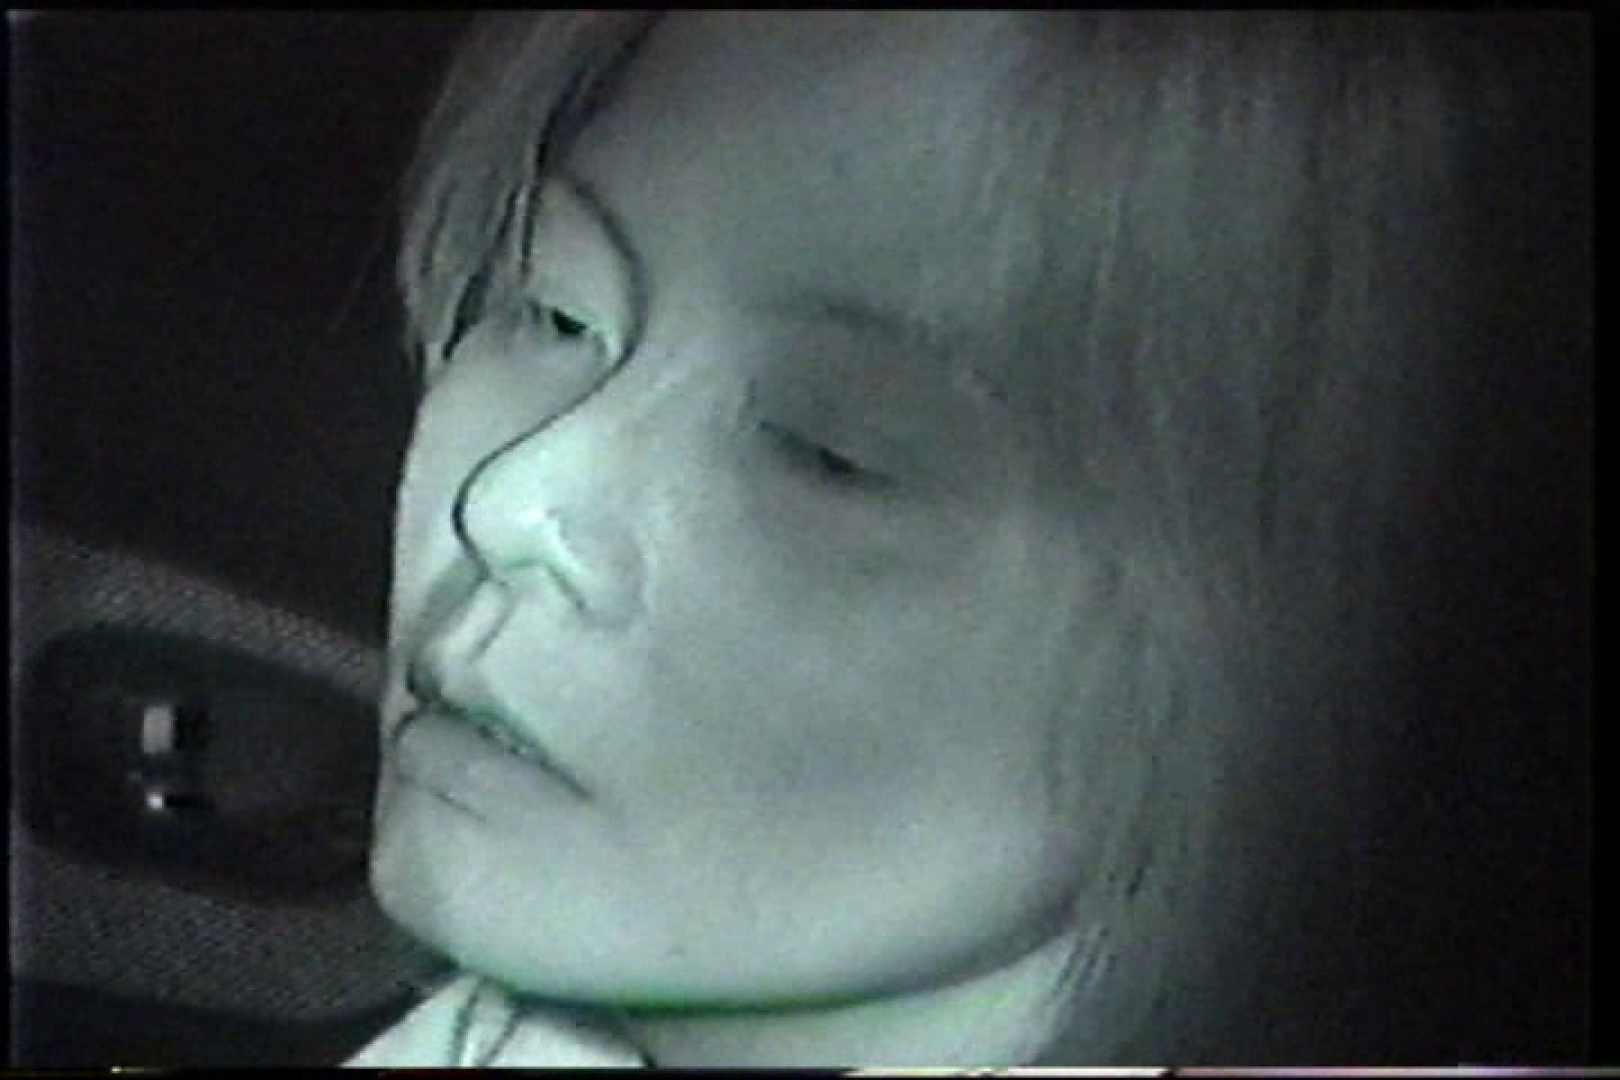 充血監督の深夜の運動会Vol.214 後編. OLの実態 隠し撮りすけべAV動画紹介 51pic 42